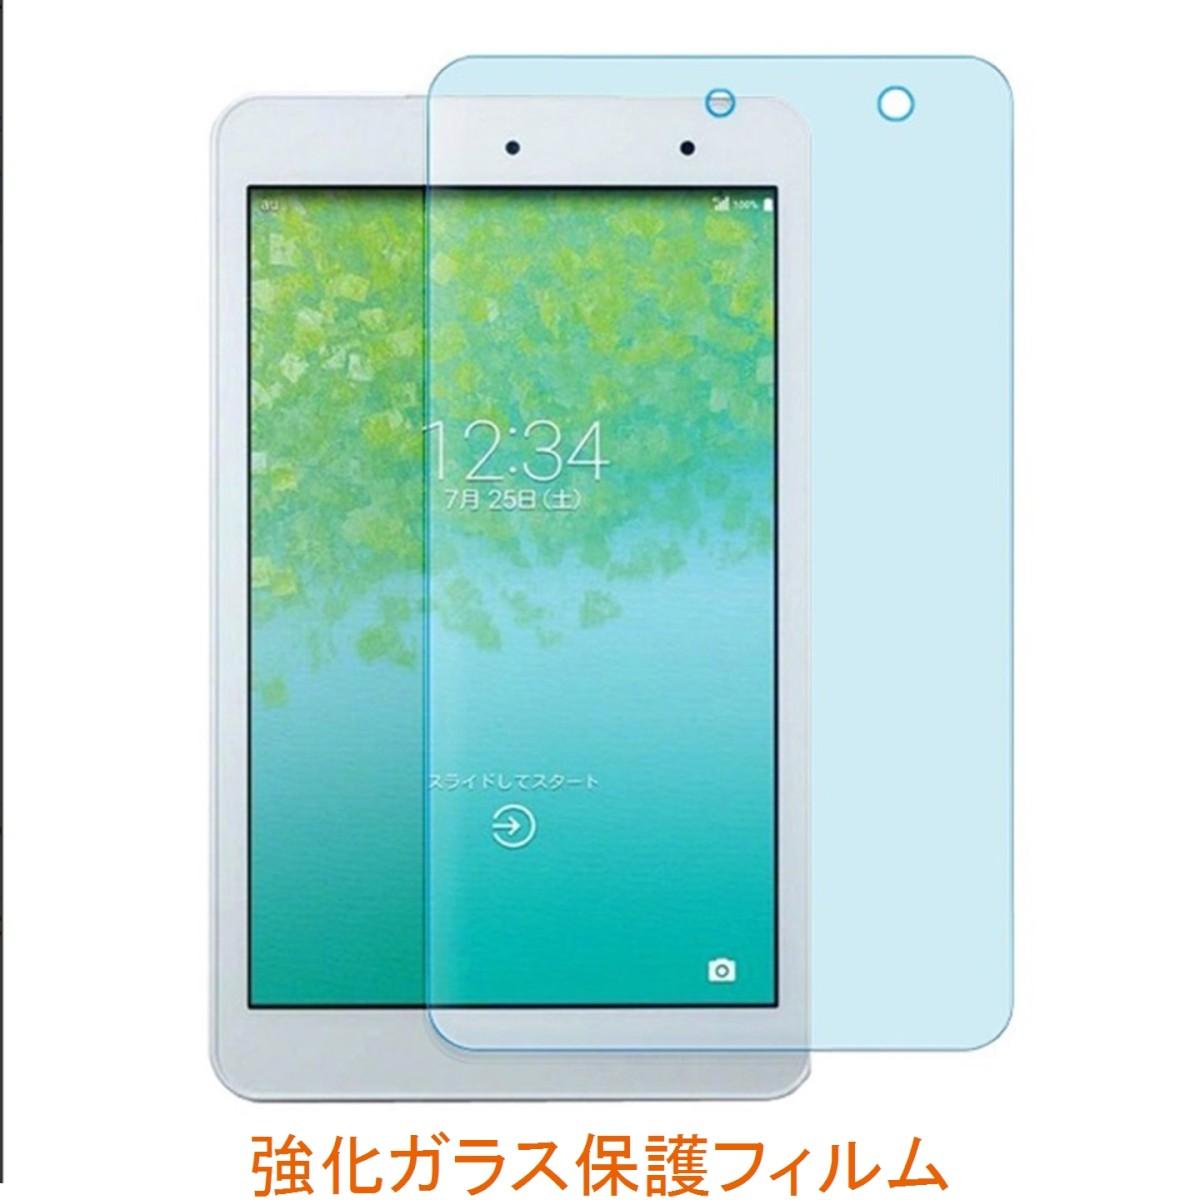 メール便送料無料 KYOCERA au Qua tab KYT31 0.33mm 9H セール 登場から人気沸騰 2.5D 強化ガラス 8インチ 人気急上昇 液晶保護フィルム